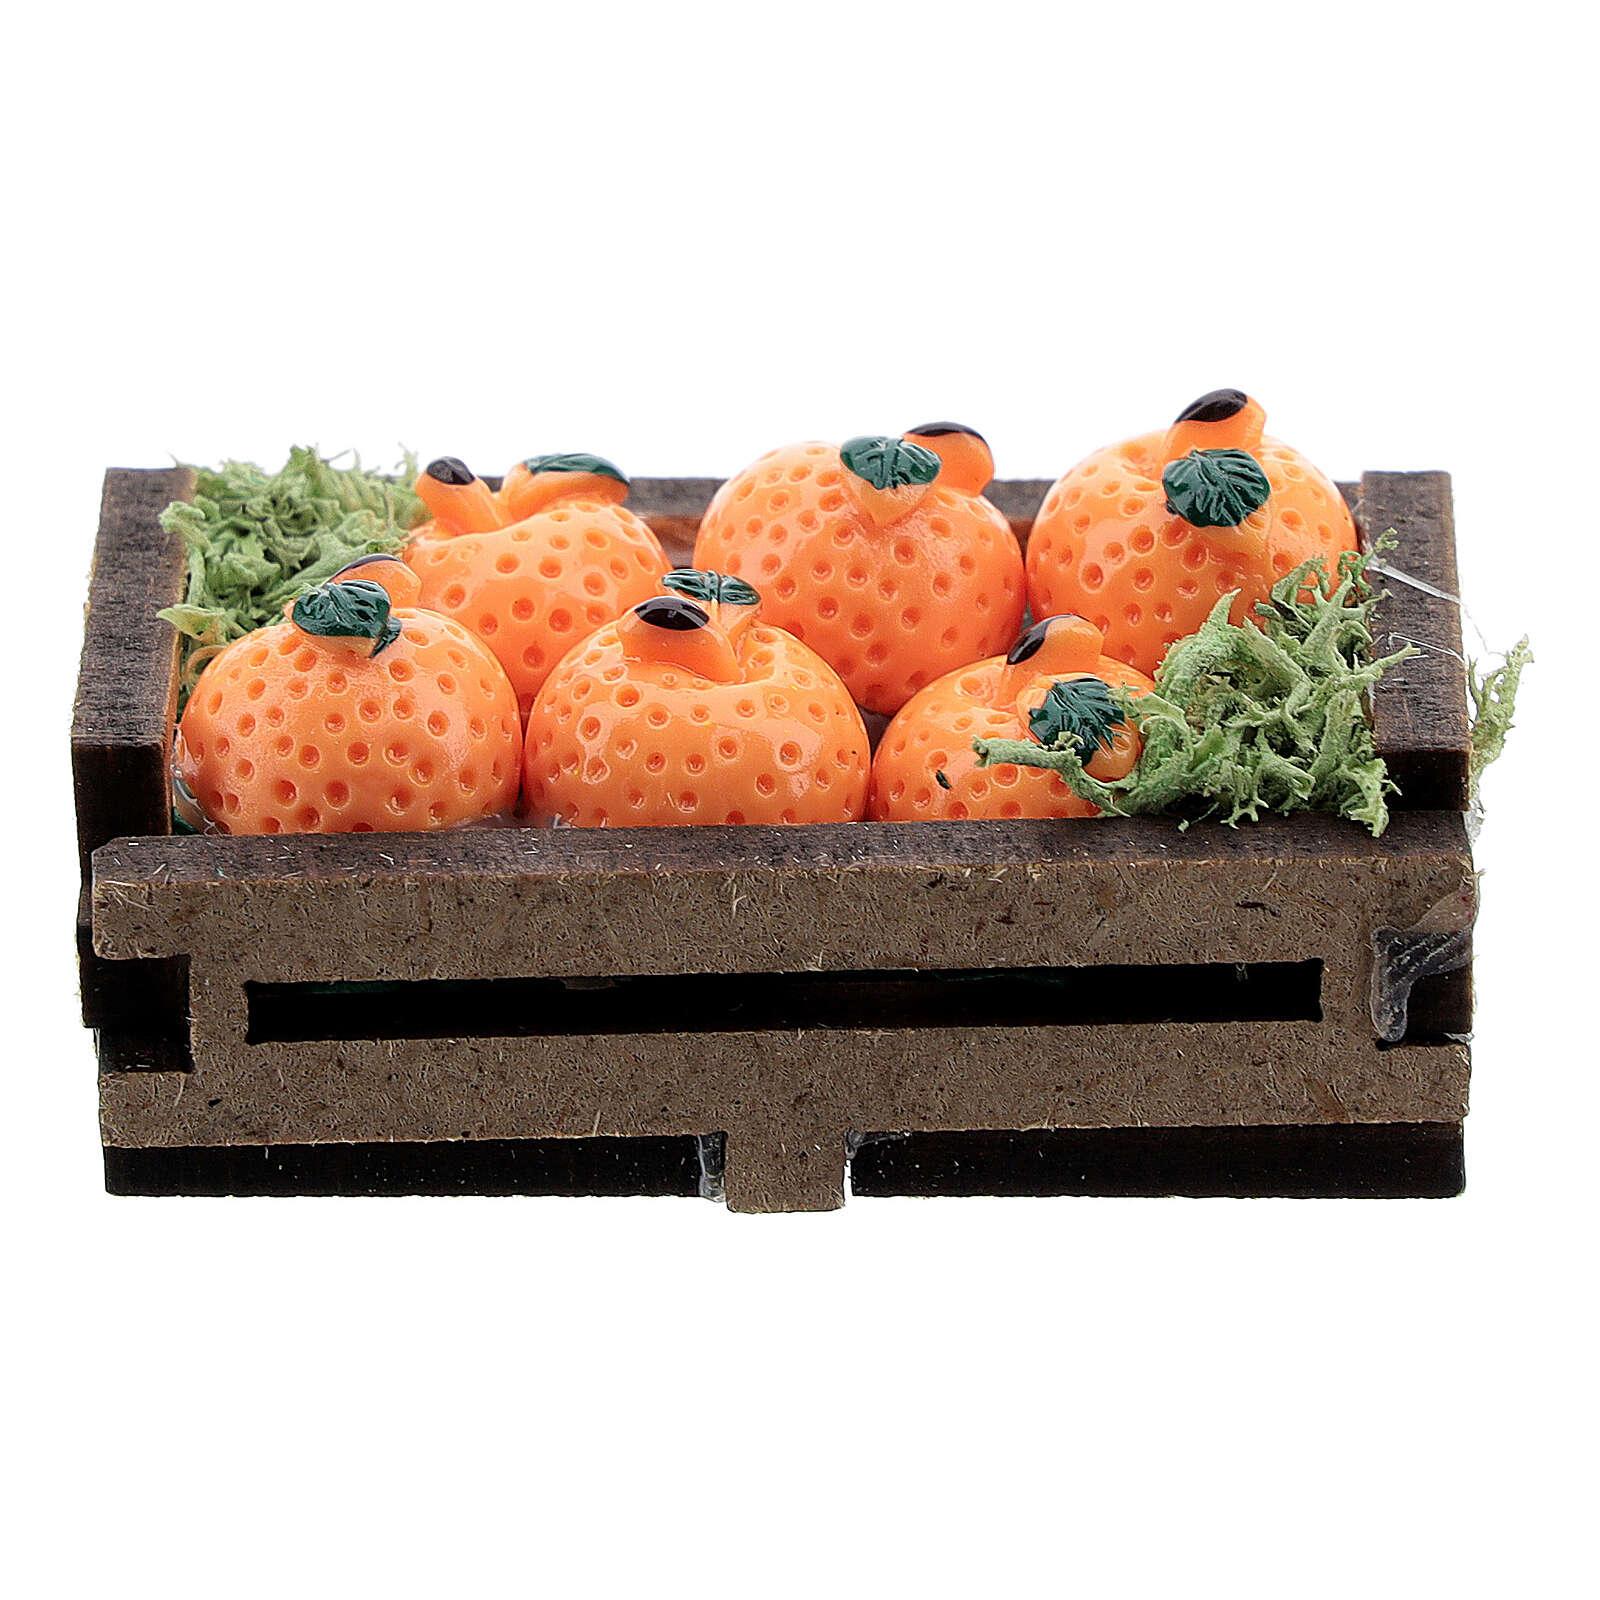 Caisse d'oranges miniature crèche 16 cm 4